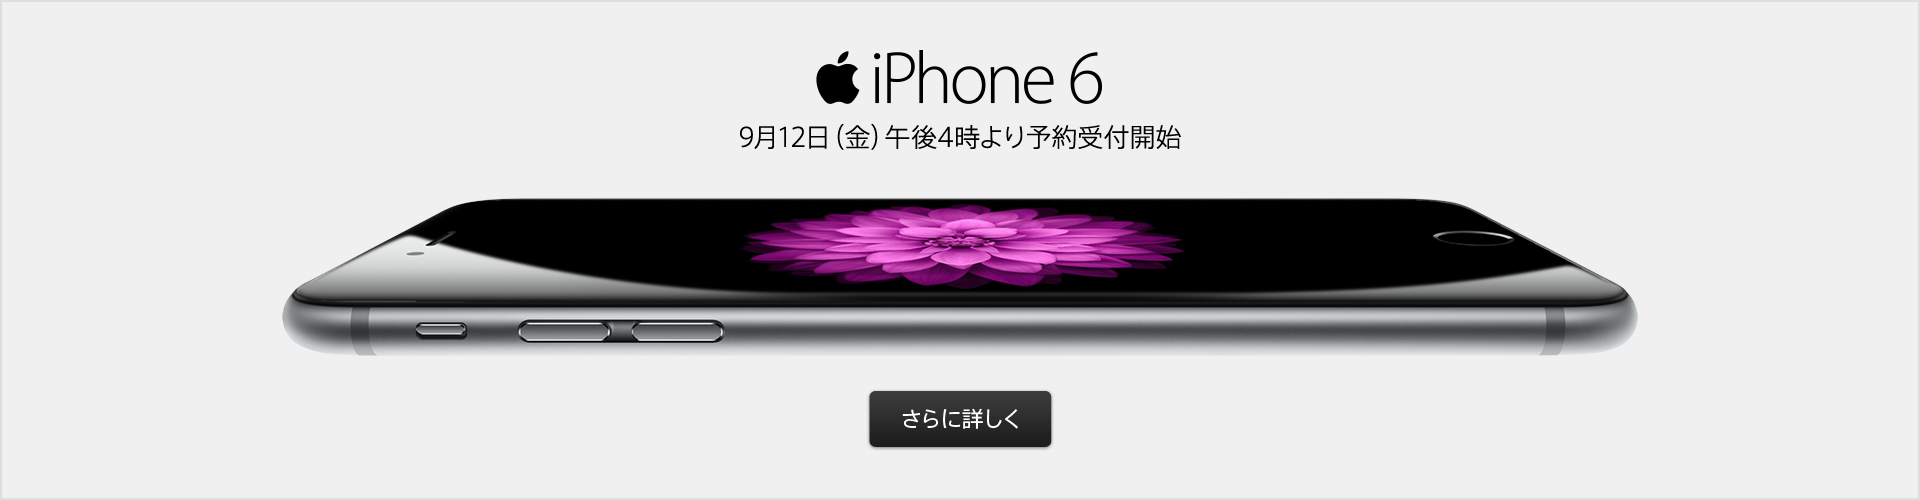 iPhone6タダで機種変更キャンペーン